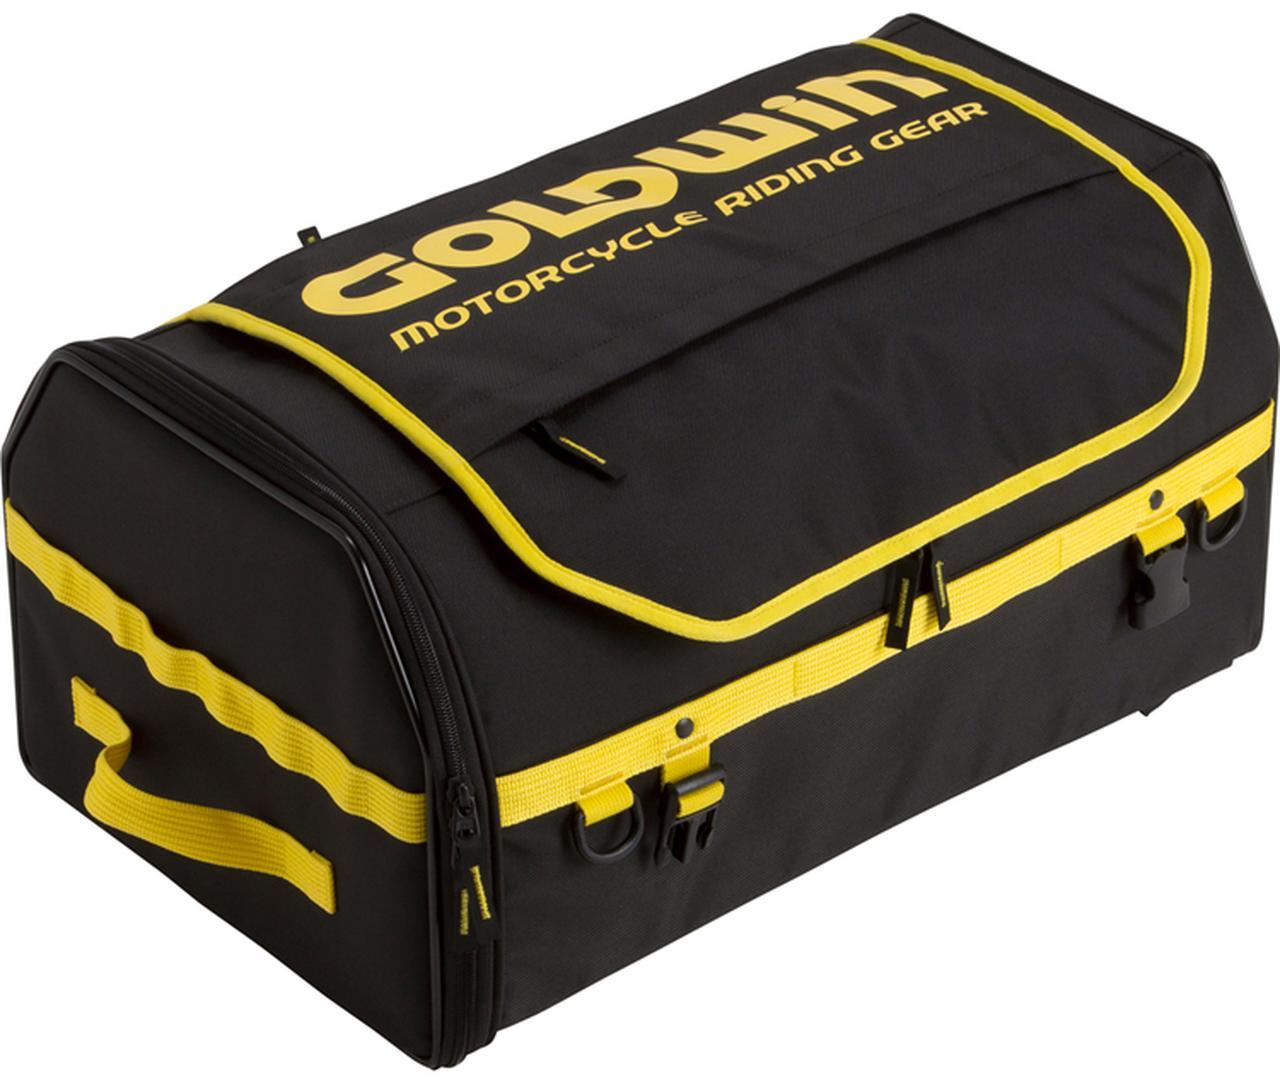 画像1: 東京モーターサイクルショー2019で発見したゴールドウインの新作バッグがまた流行りそう!